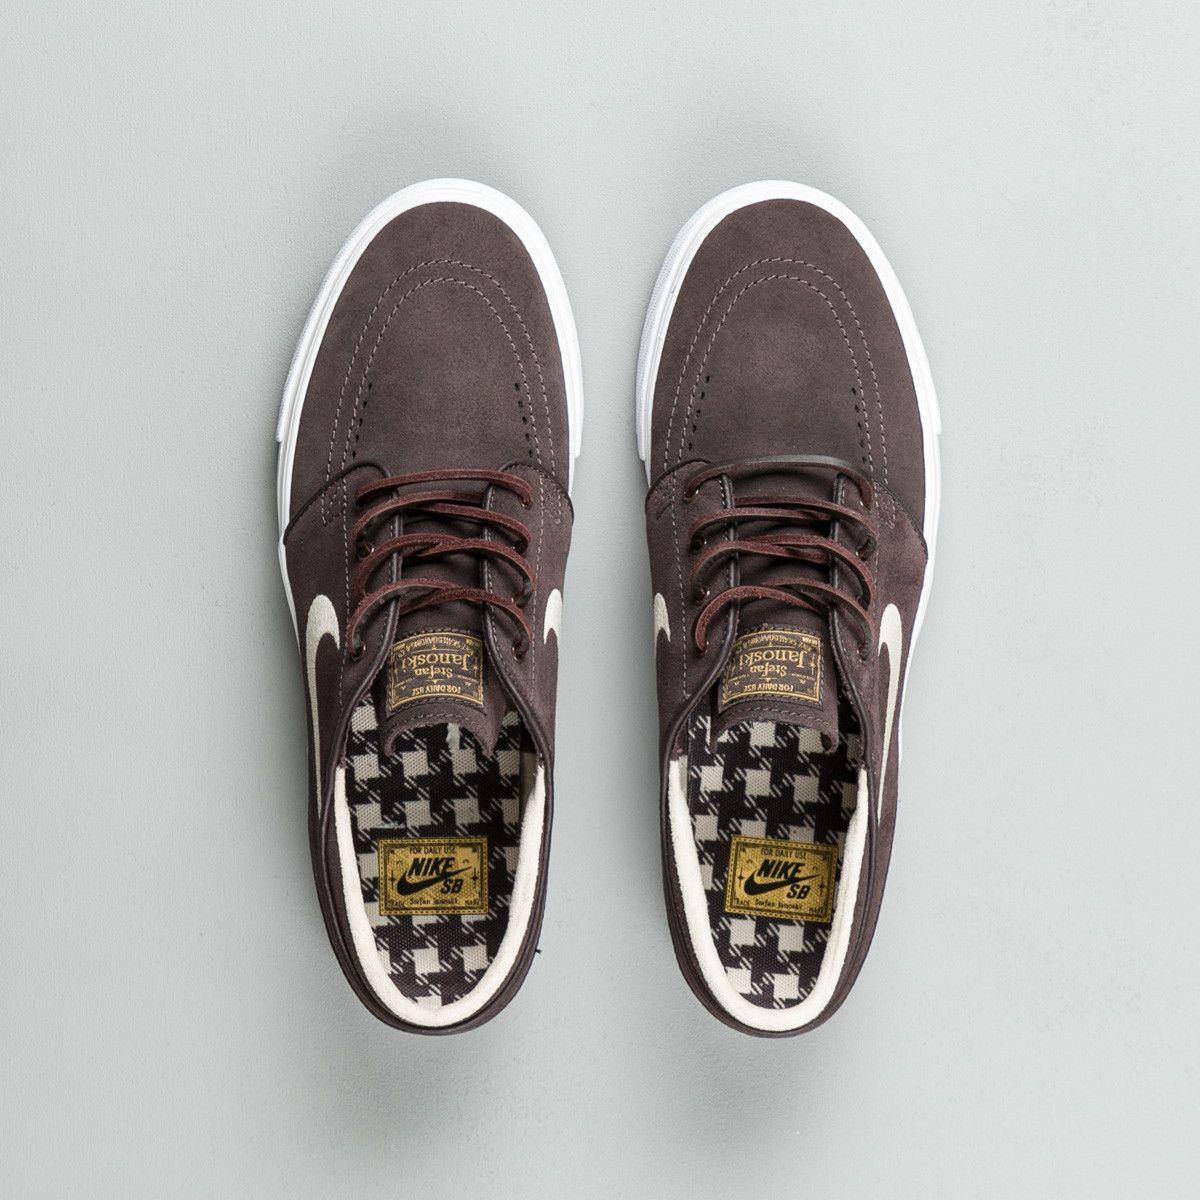 precio muy barato Navegar venta Nike Sb Stefan Janoski Og Zapatos - Receta De Cappuccino HtoaP